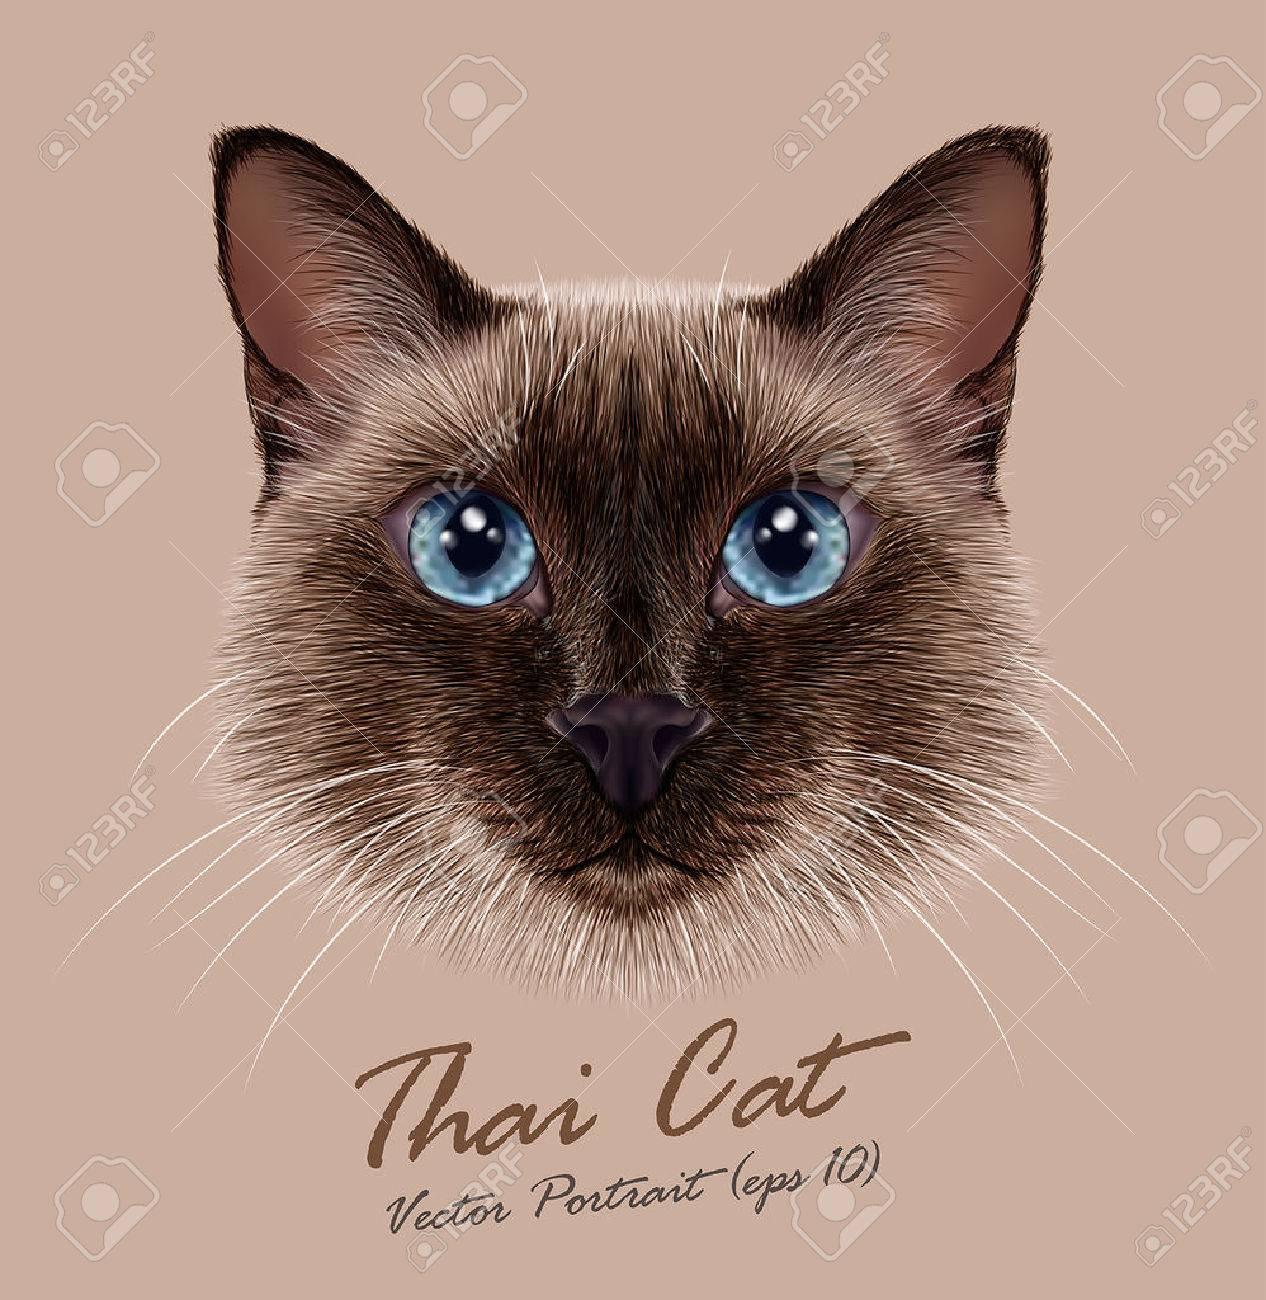 タイ猫のベクター イラスト肖像画かわいいシールは伝統的なシャム猫